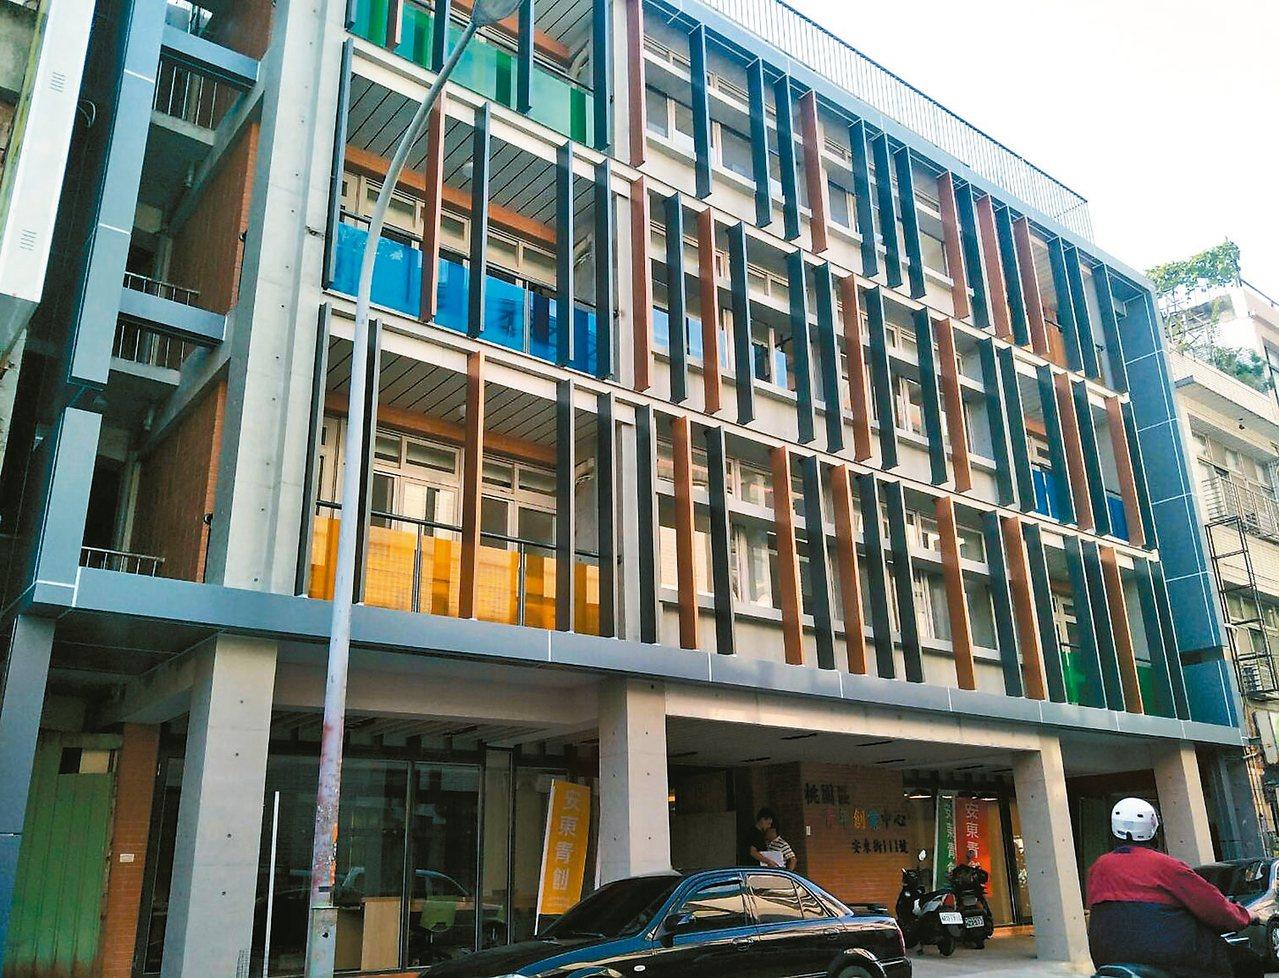 桃園市府第一個打造完成的亞洲.矽谷計畫安東青創基地,內部設計走簡易風,外觀硬體現...